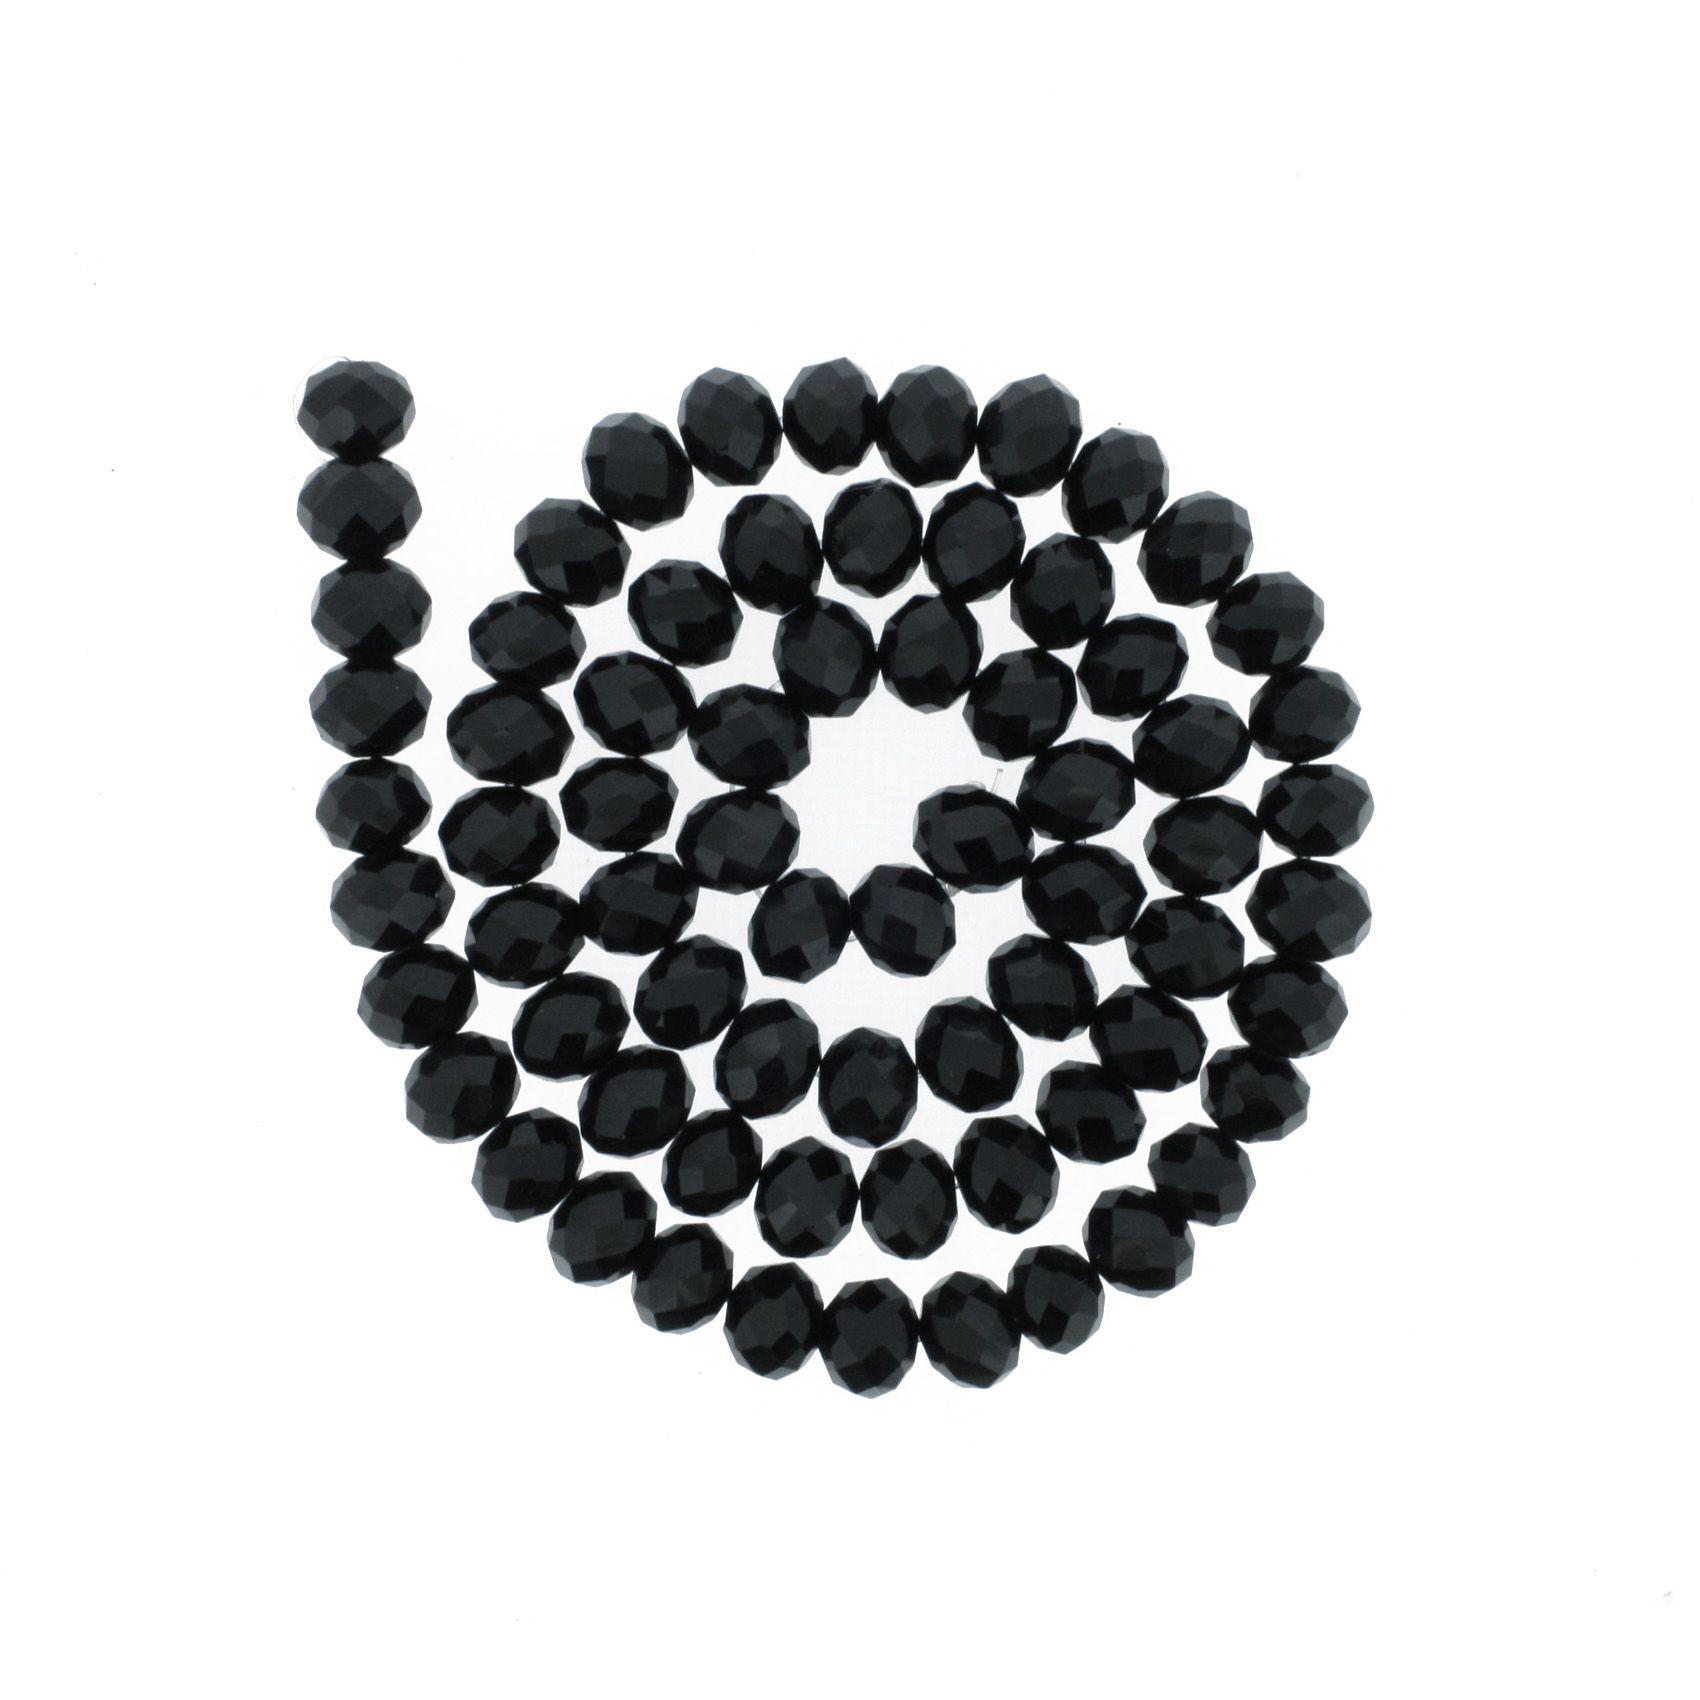 Fio de Cristal - Flat® - Preto - 10mm  - Stéphanie Bijoux® - Peças para Bijuterias e Artesanato